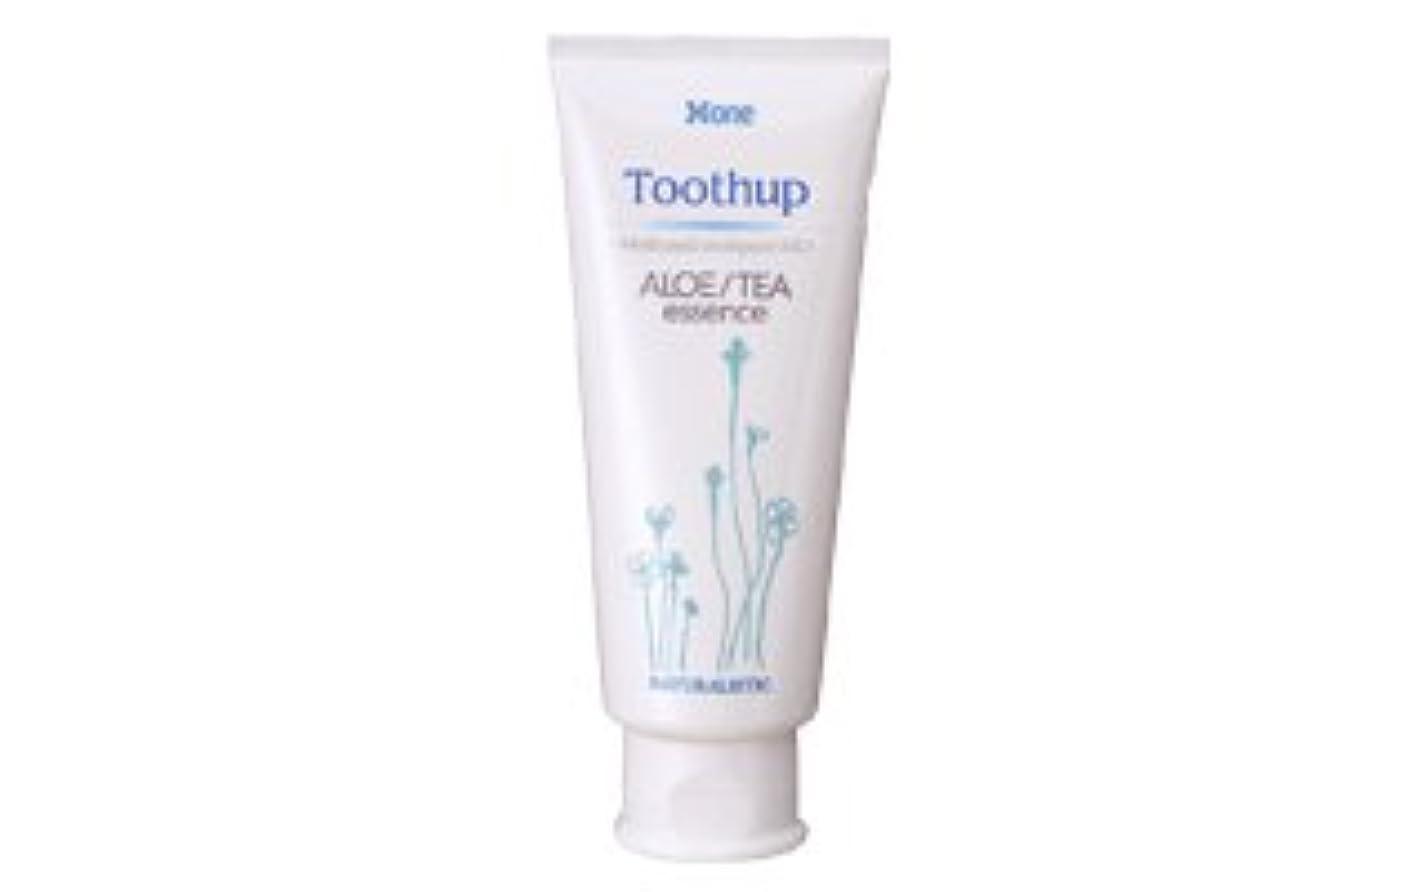 期待するベスト反論トゥーサップ 薬用歯みがき MD 虫歯予防?消臭(150g)